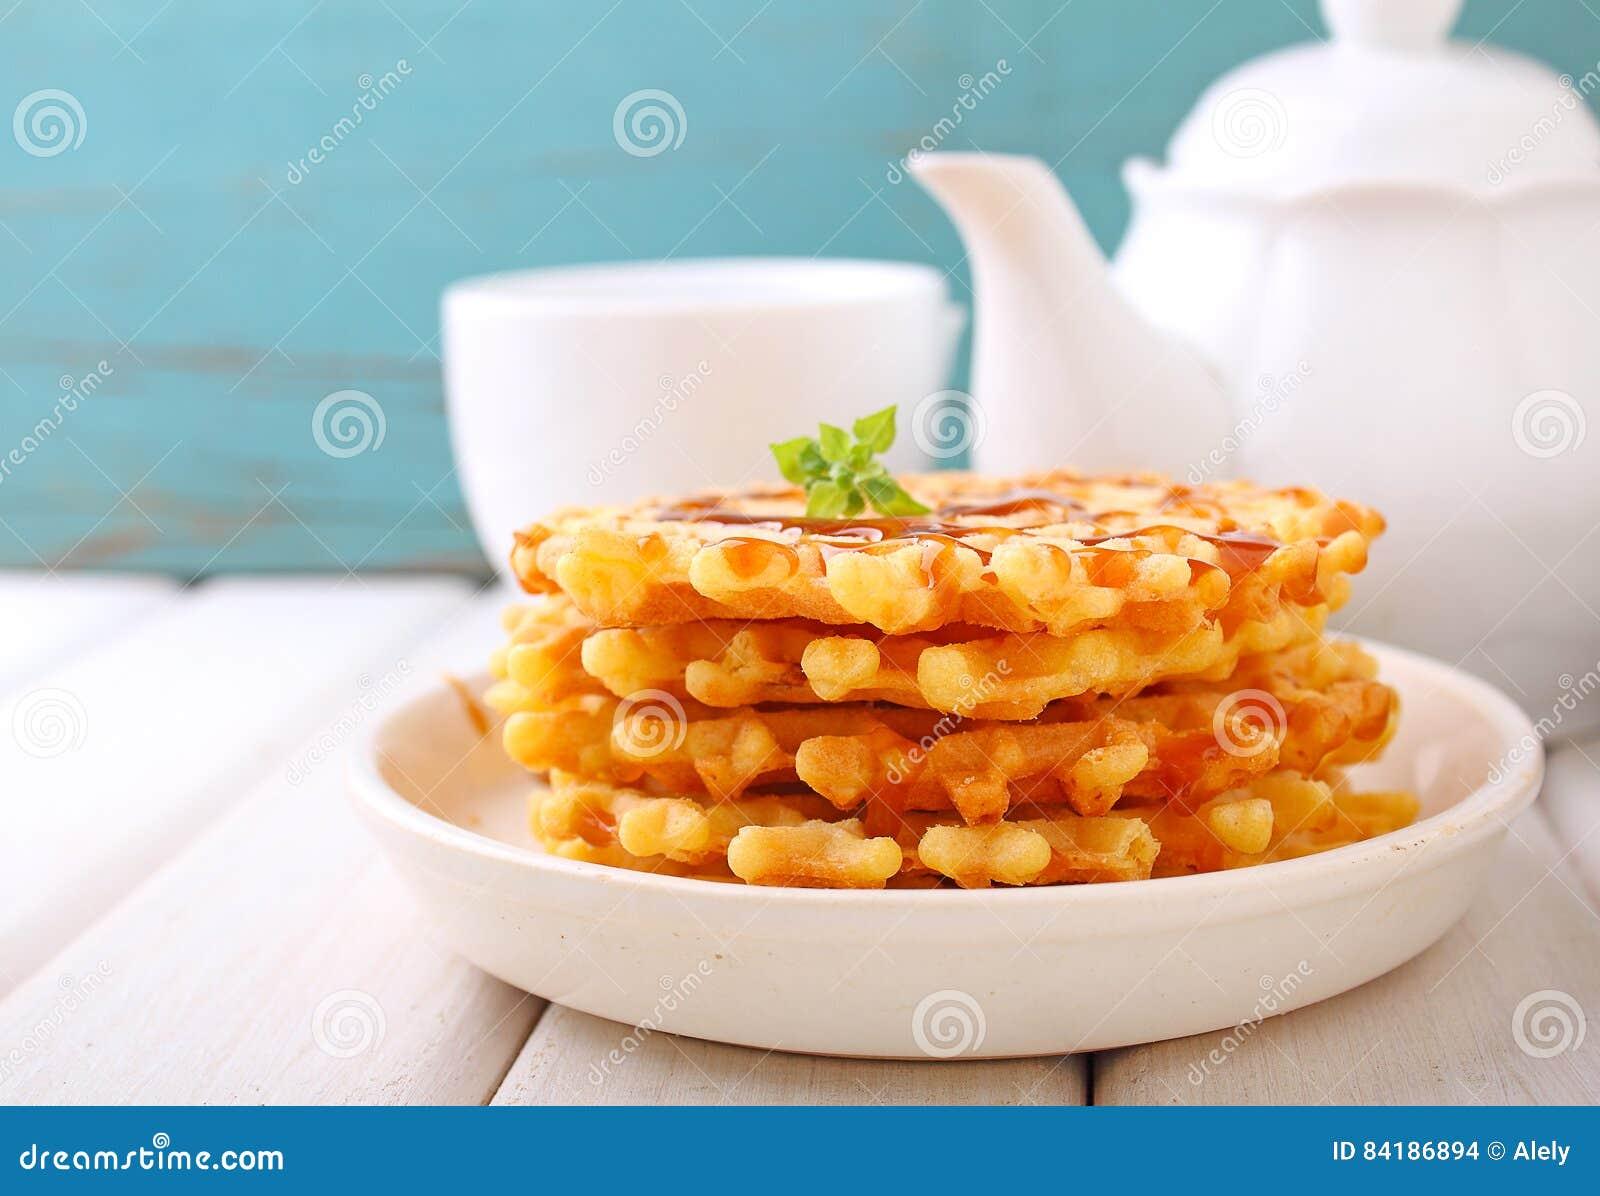 Waffles with caramel sauce